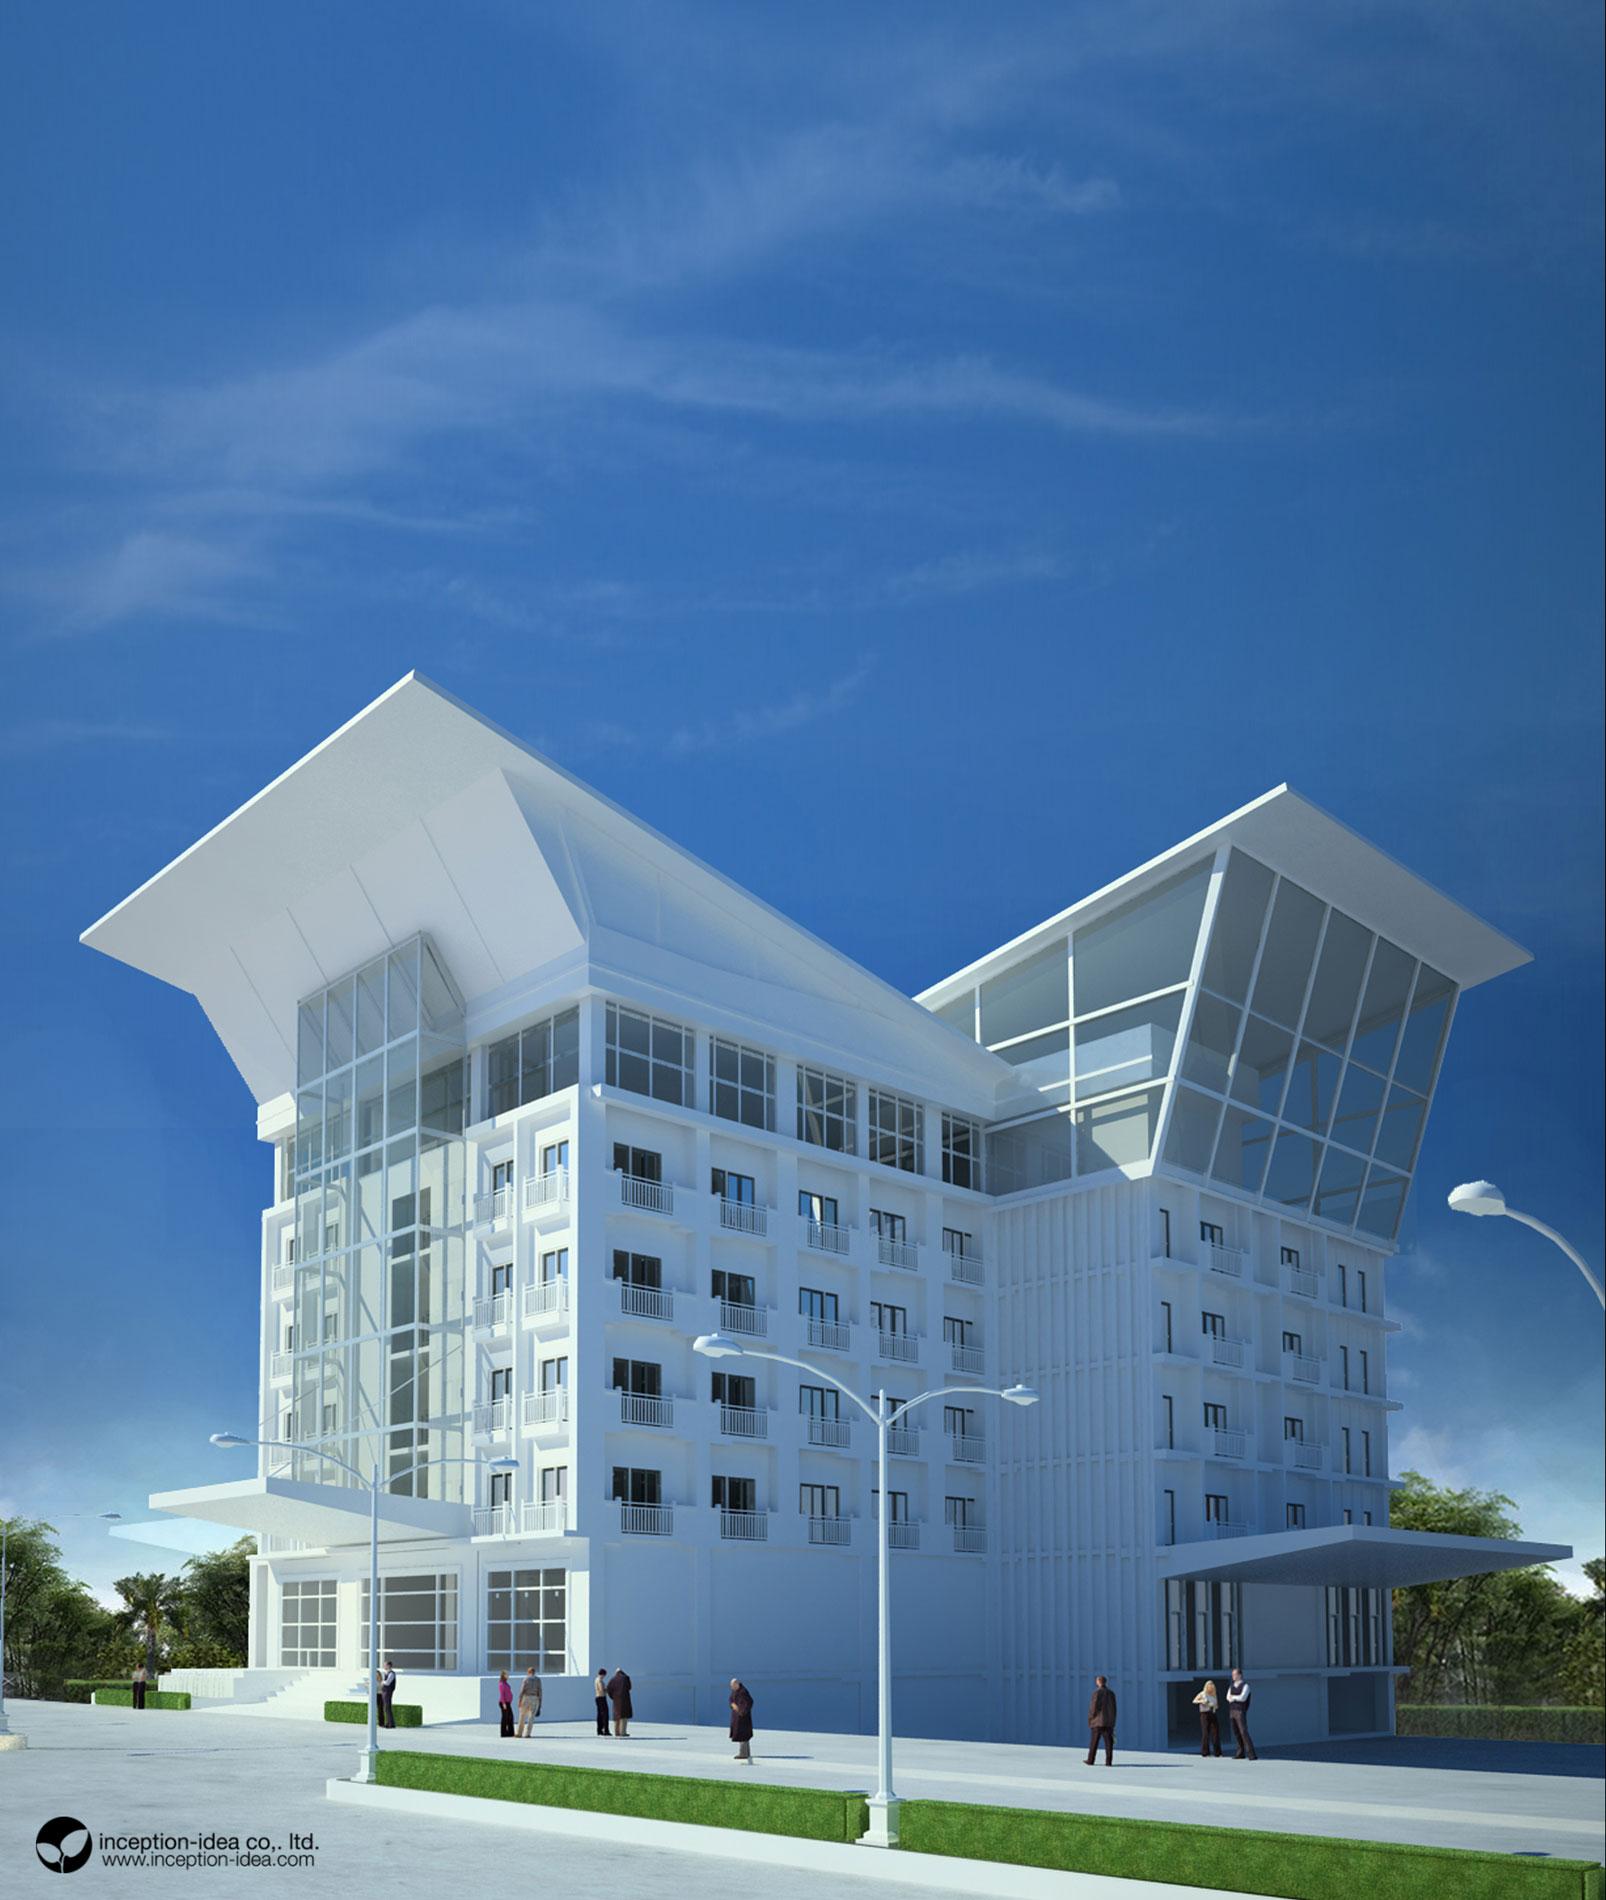 โครงการปรับปรุง Mirinda Apartment จำปาศักดิ์ ประเทศลาว